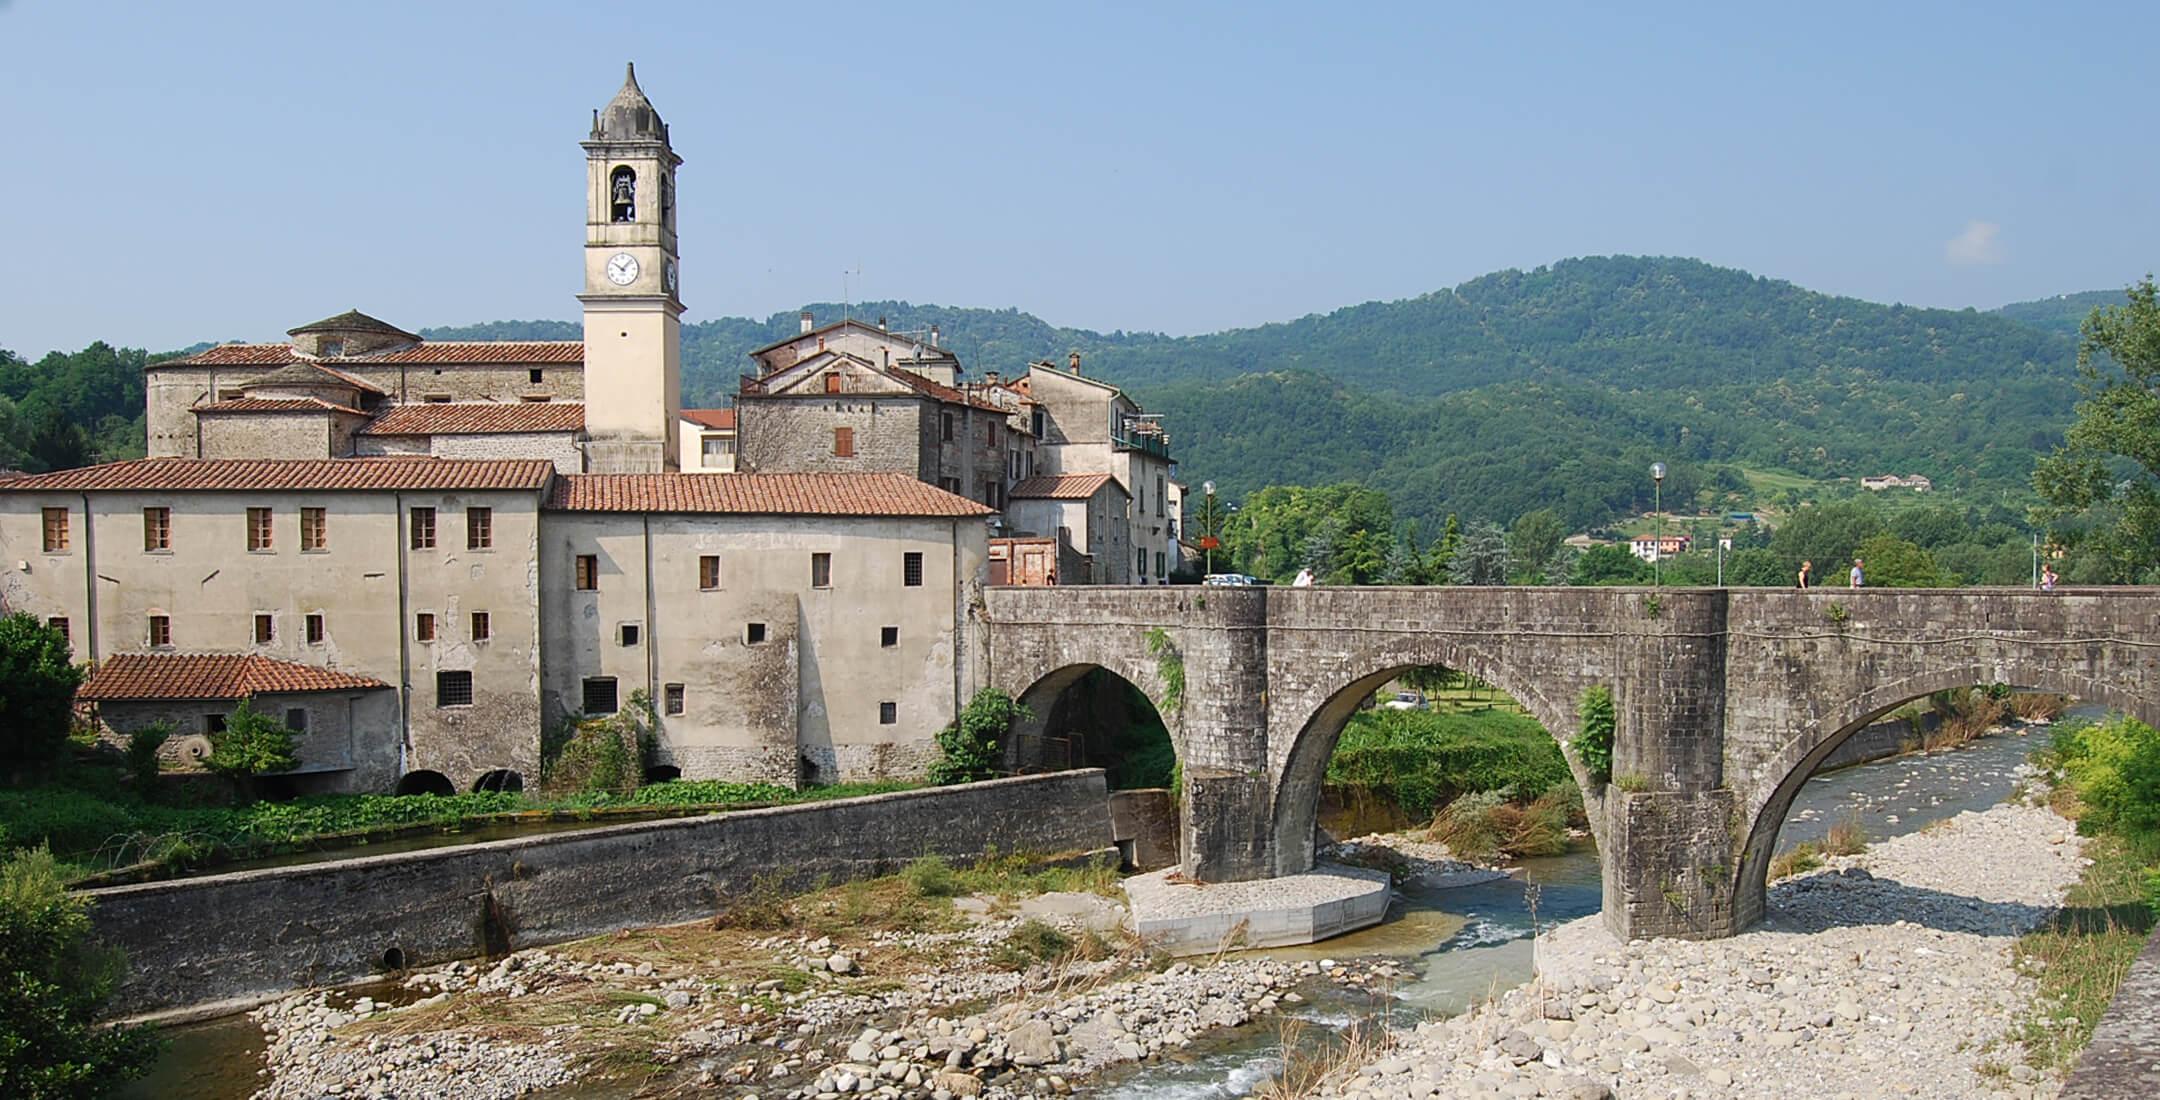 Borgo di Villafranca